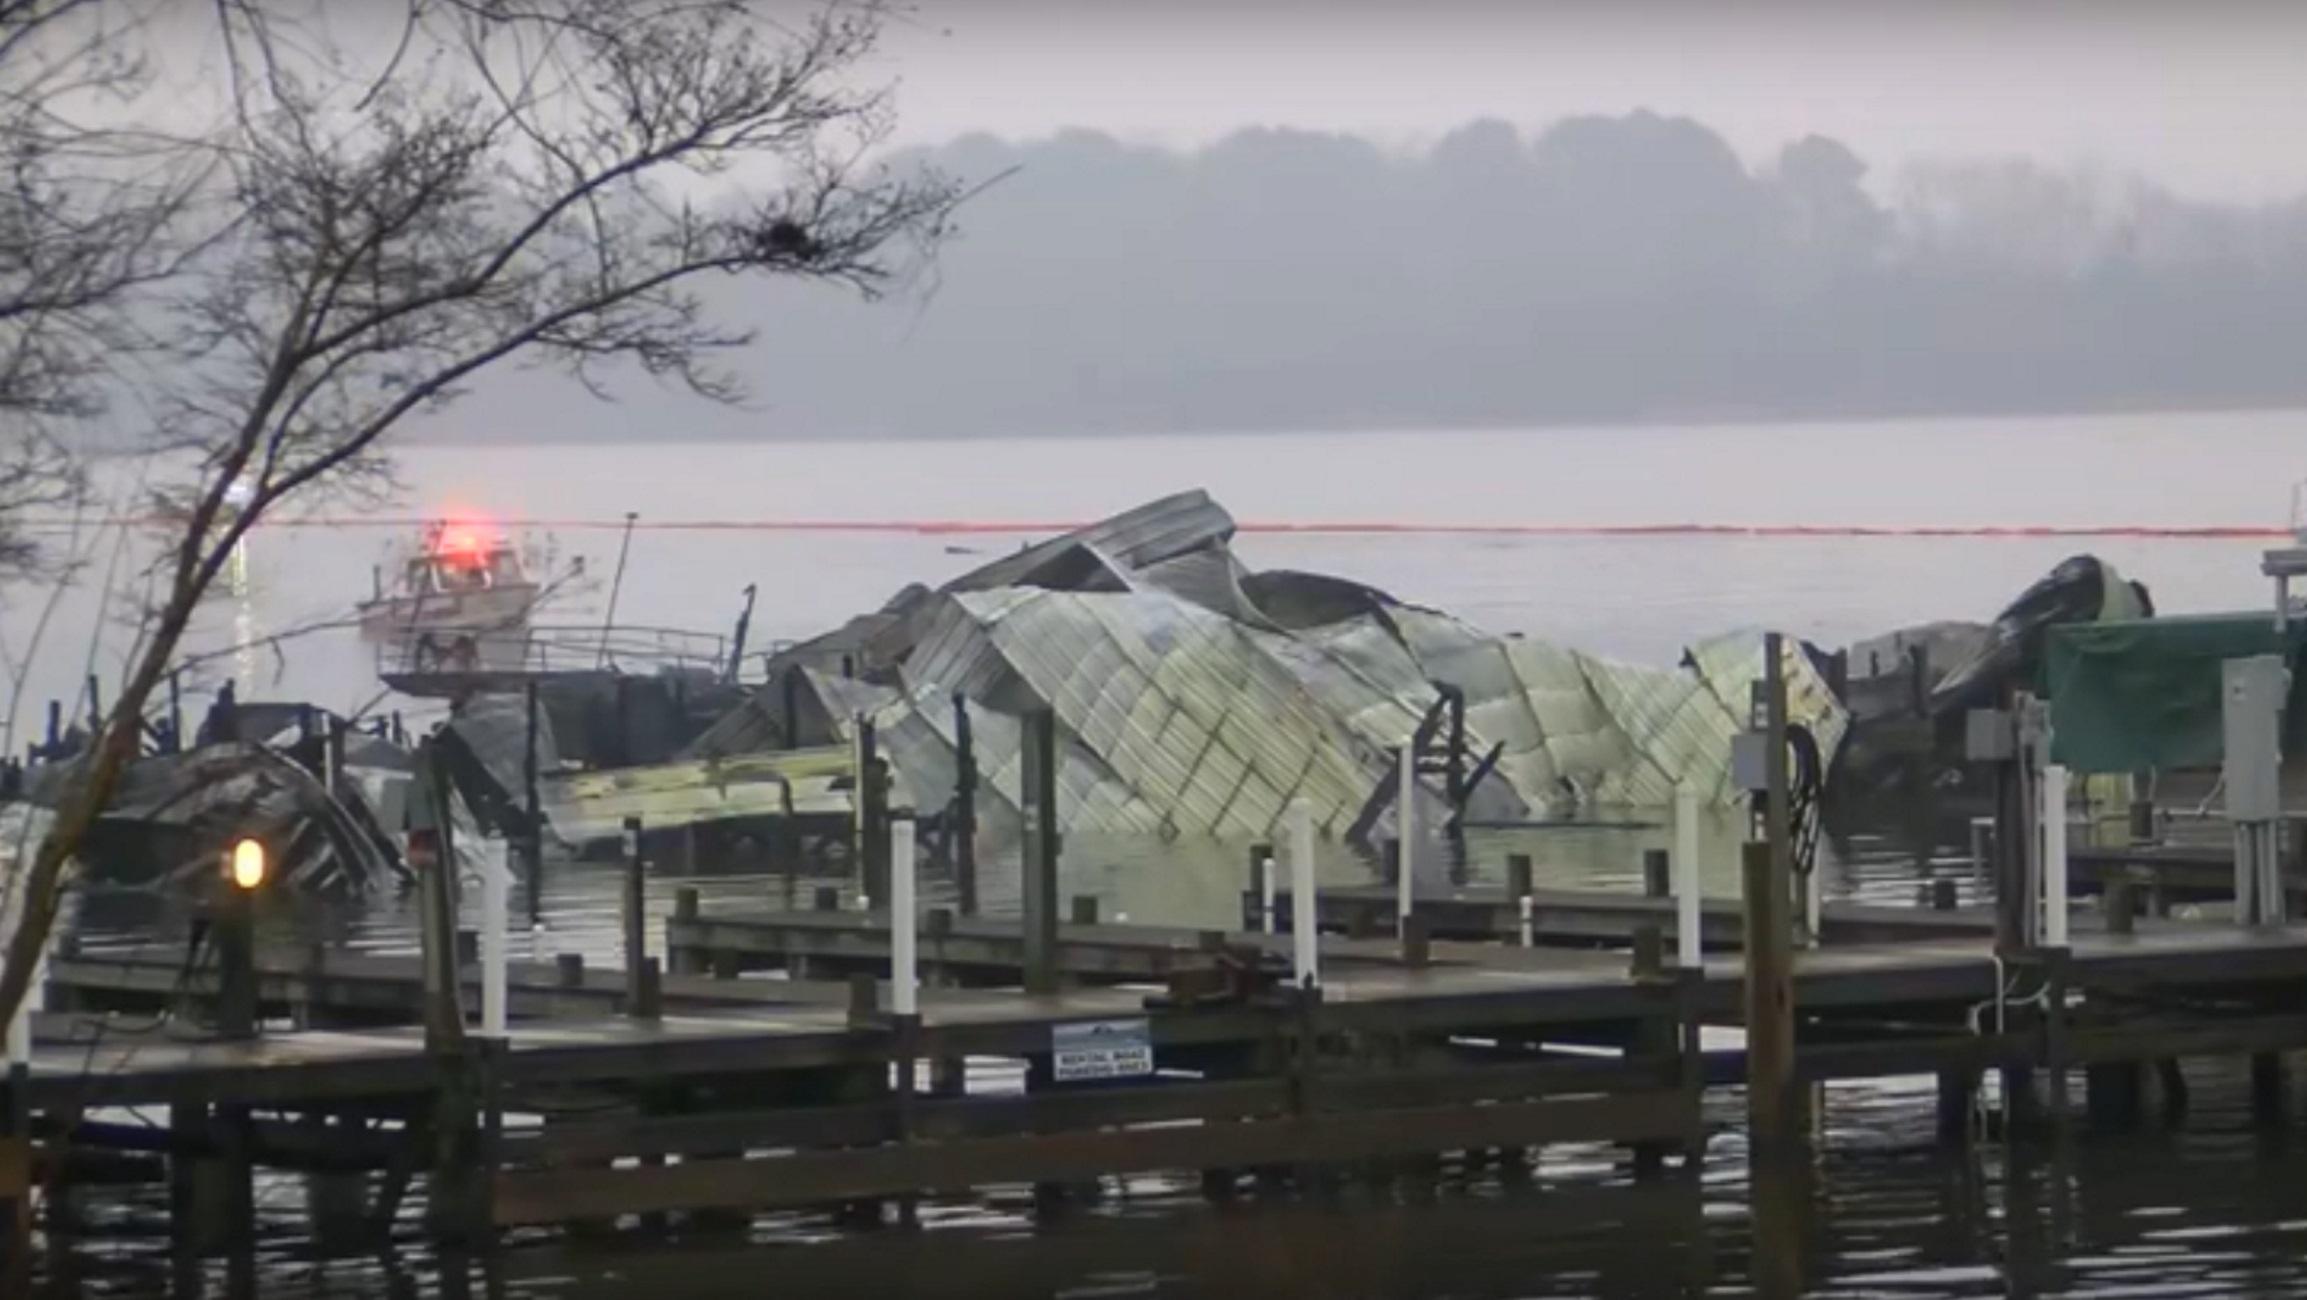 Τραγωδία στον ποταμό Τενεσί! Οκτώ νεκροί από φωτιά σε αγκυροβολημένα σκάφη